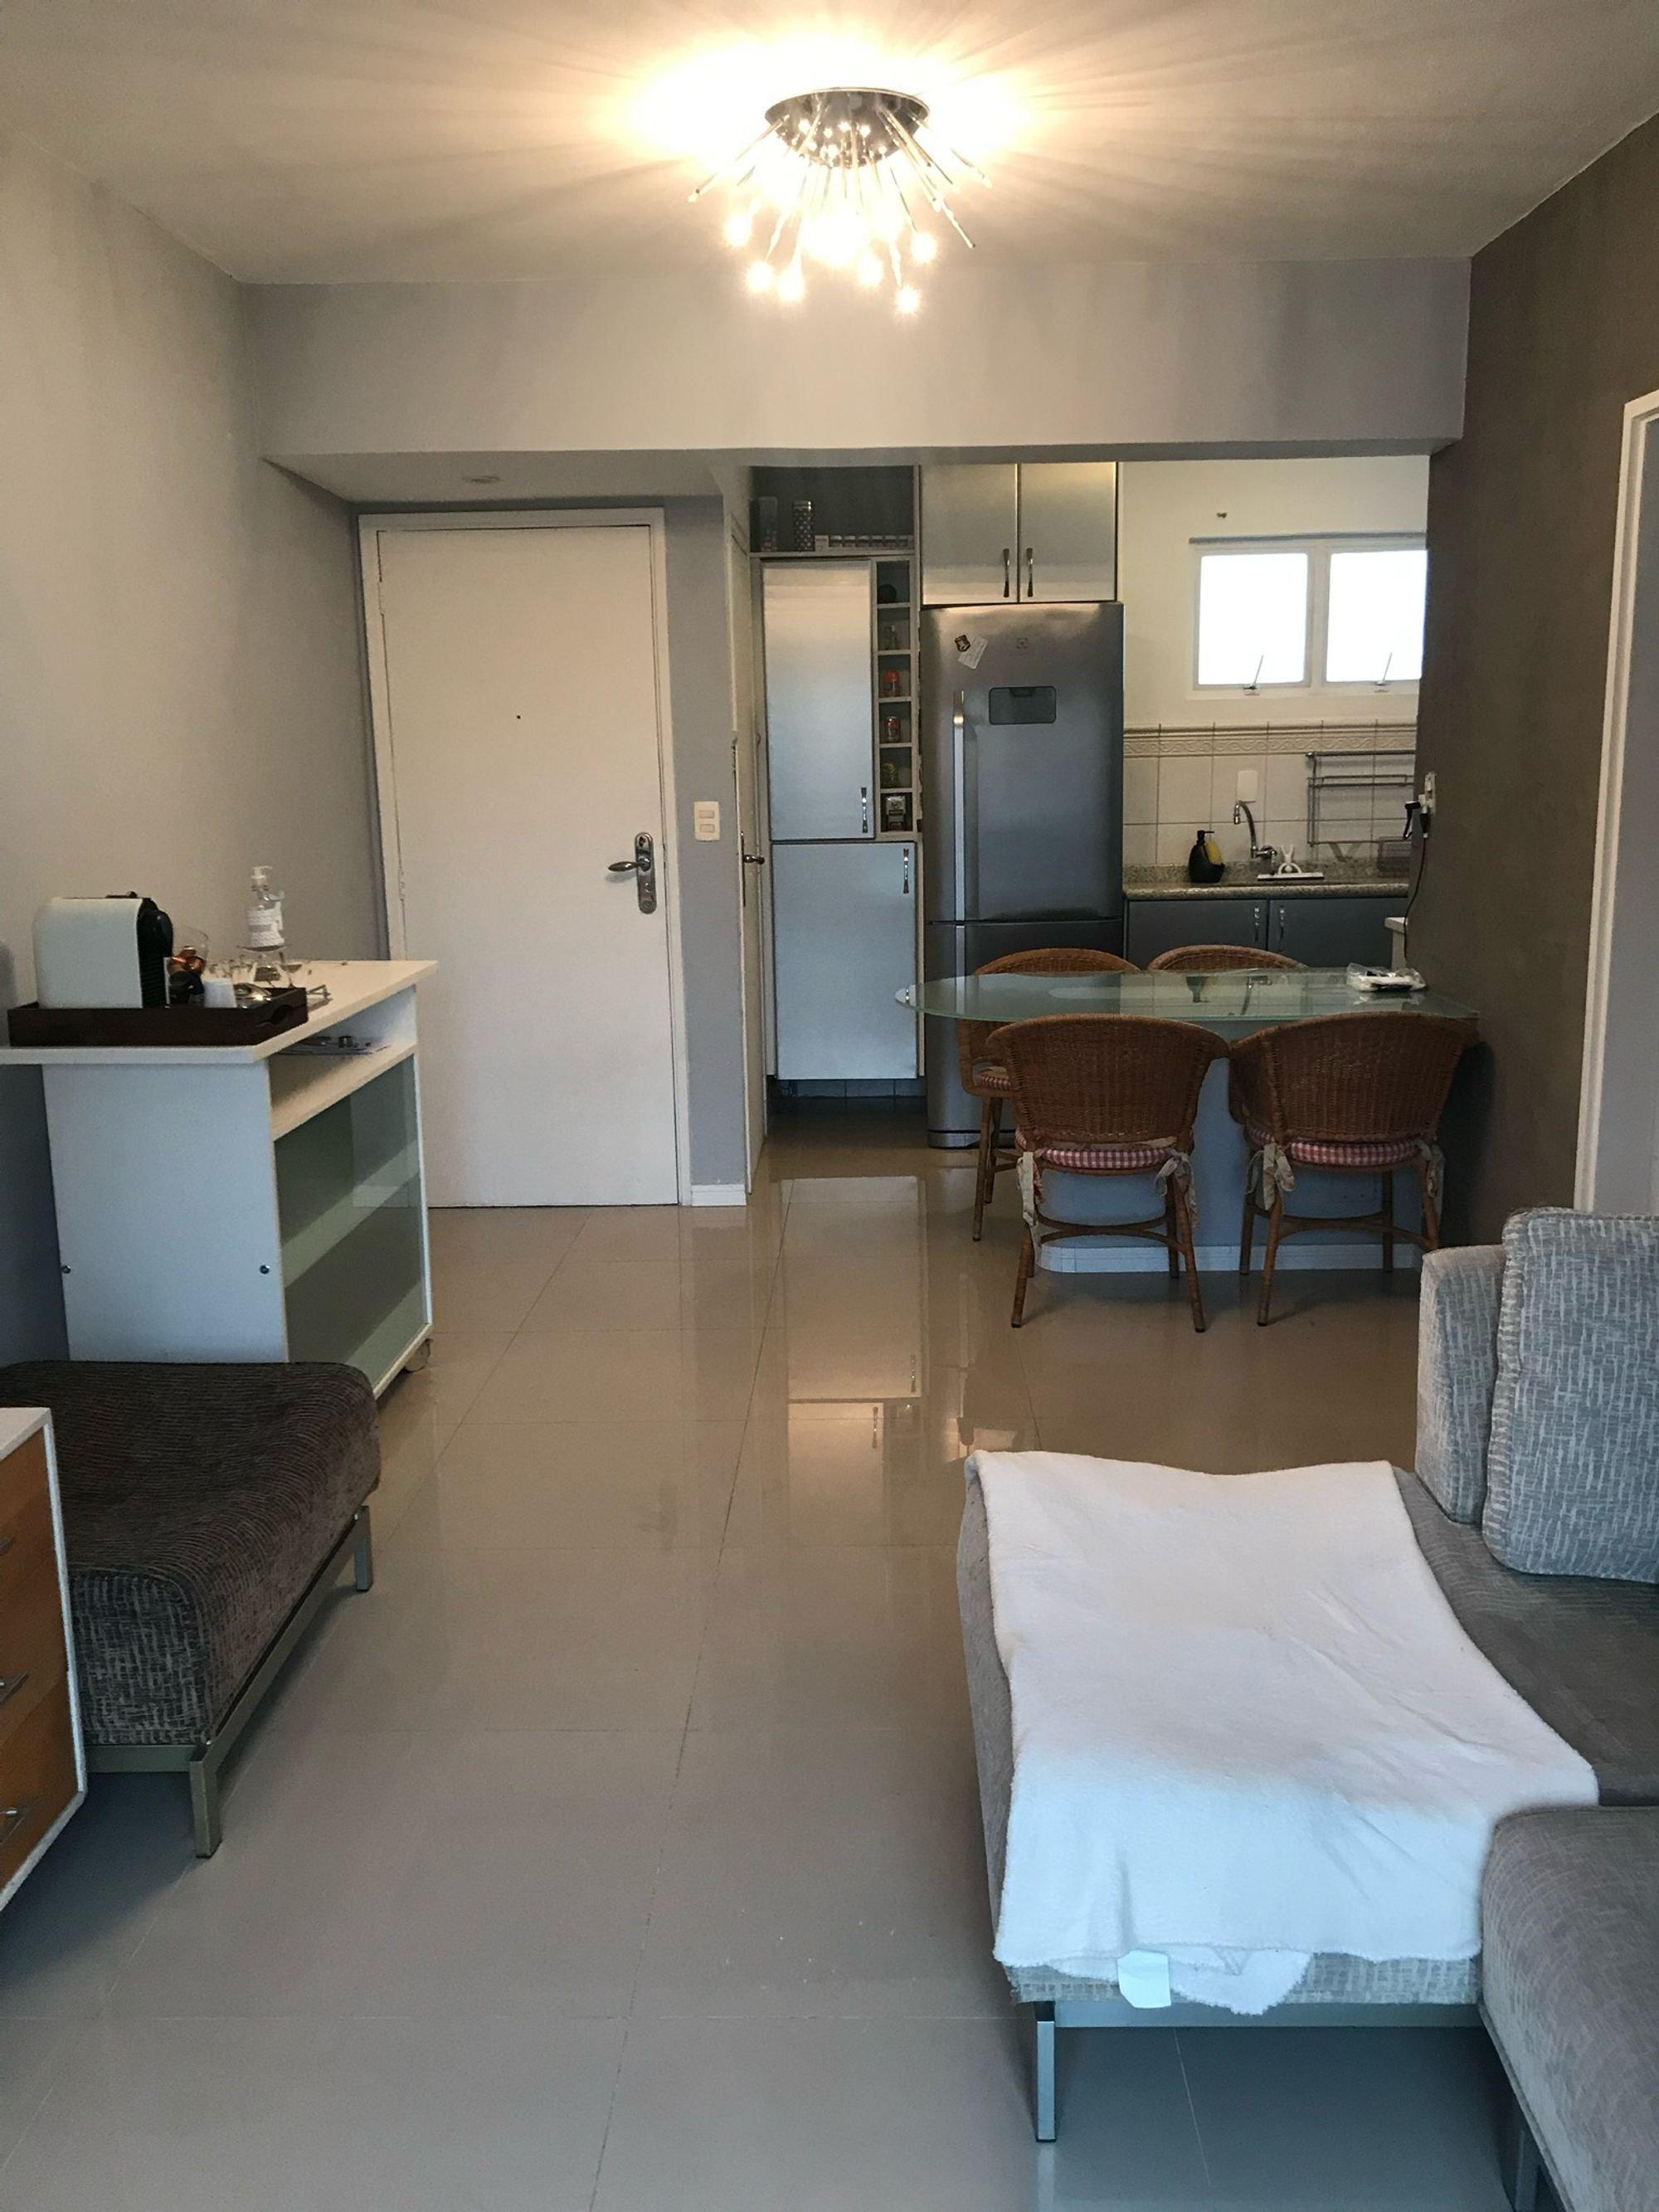 Foto de Cozinha com cama, geladeira, cadeira